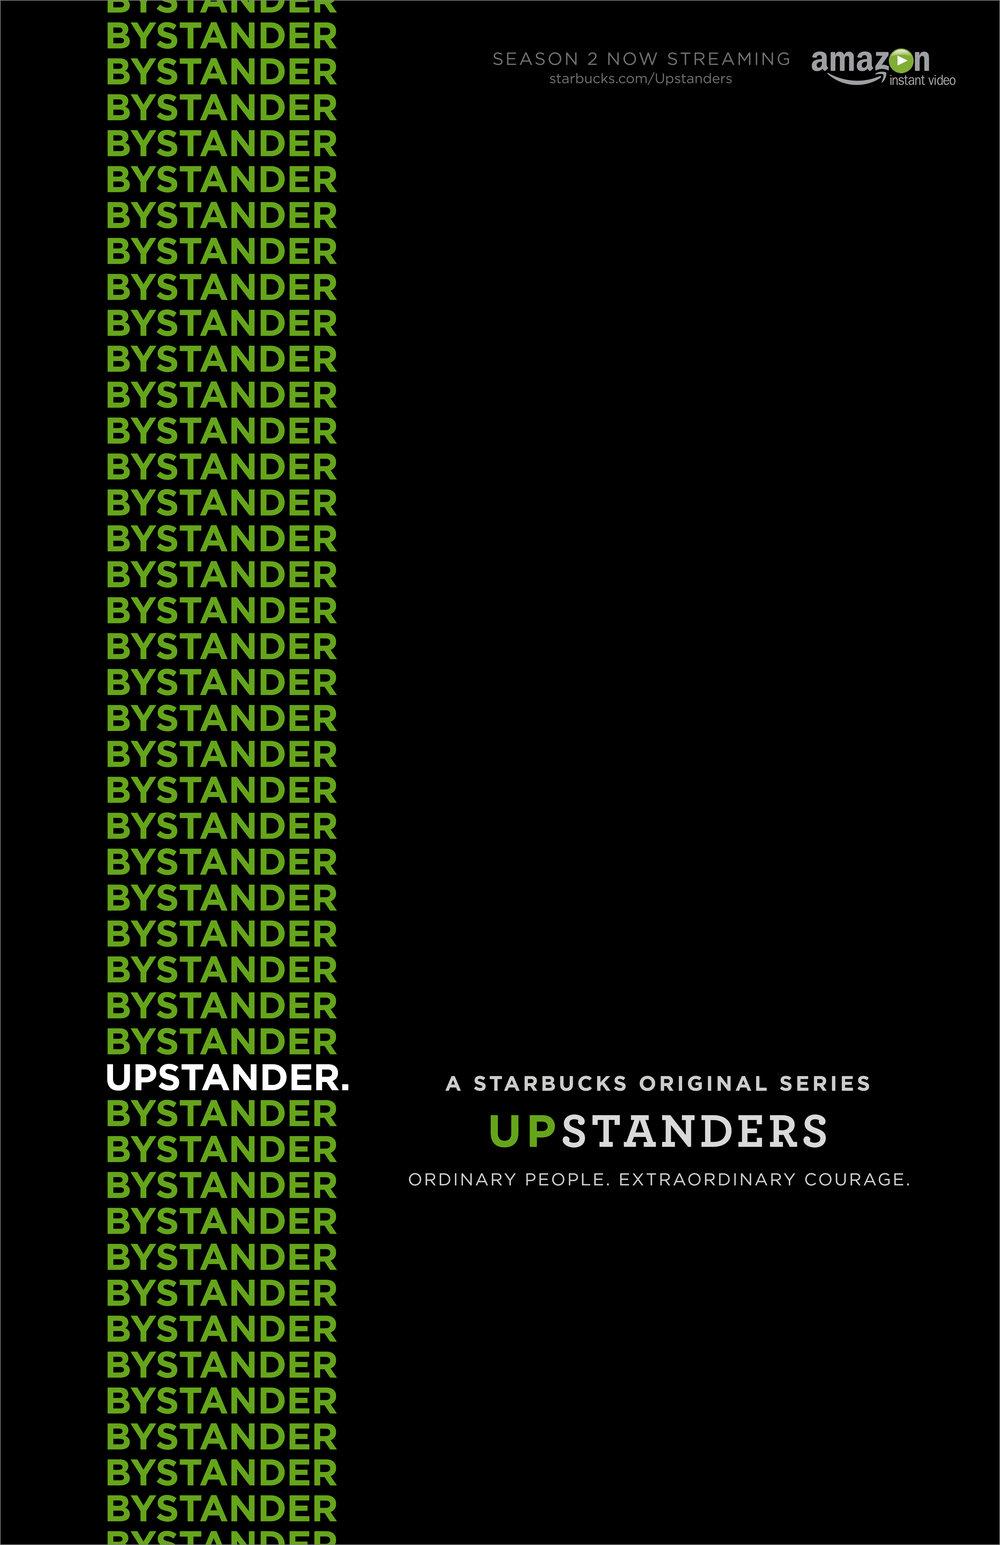 upstanders_poster_forbook.jpg